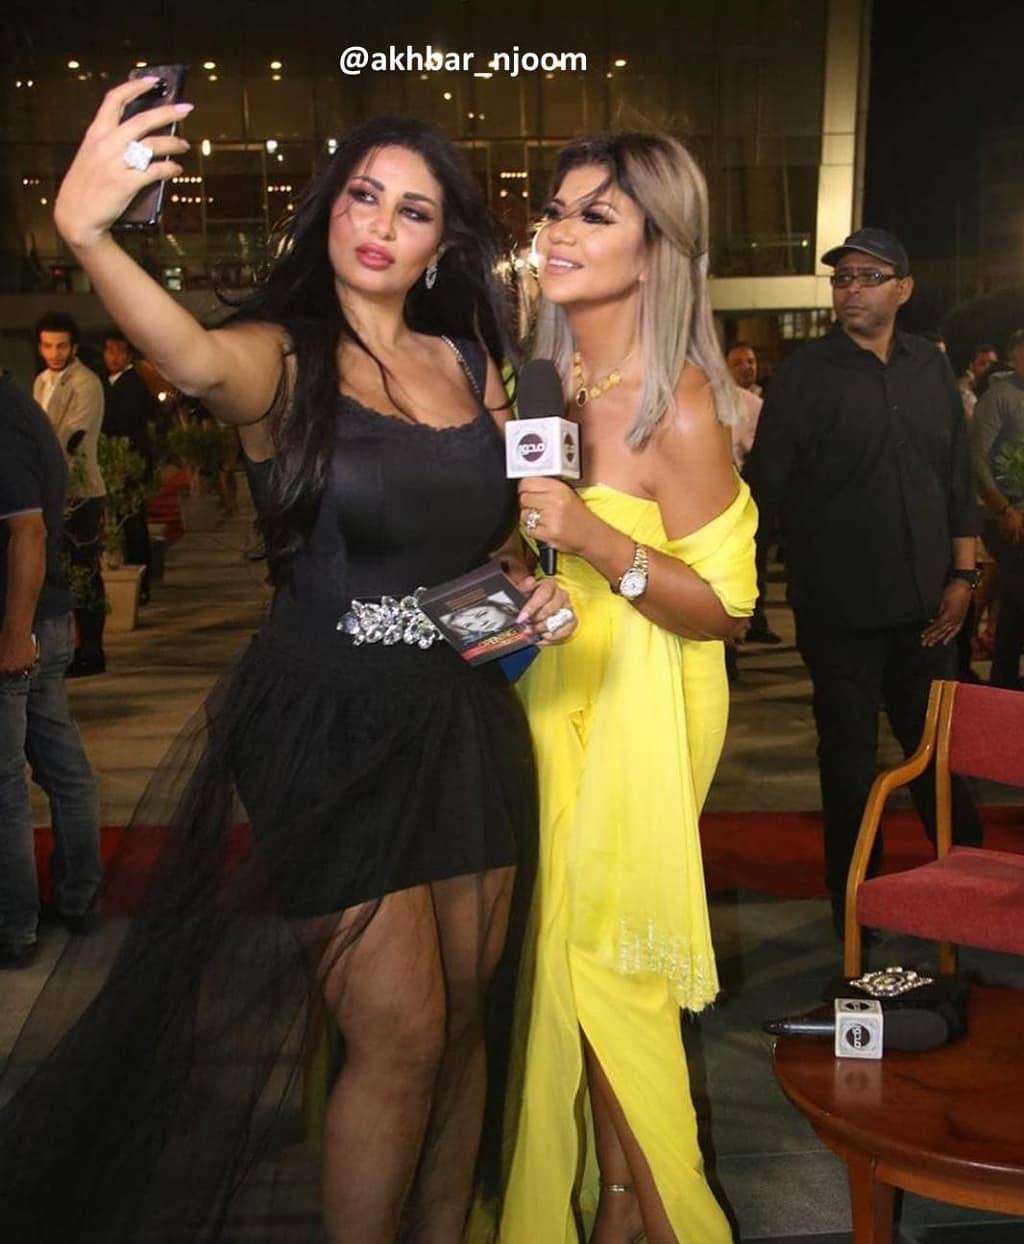 ندى الكامل زوجة احمد الفيشاوي بفستان مثير في مهرجان الإسكندرية السينمائي.